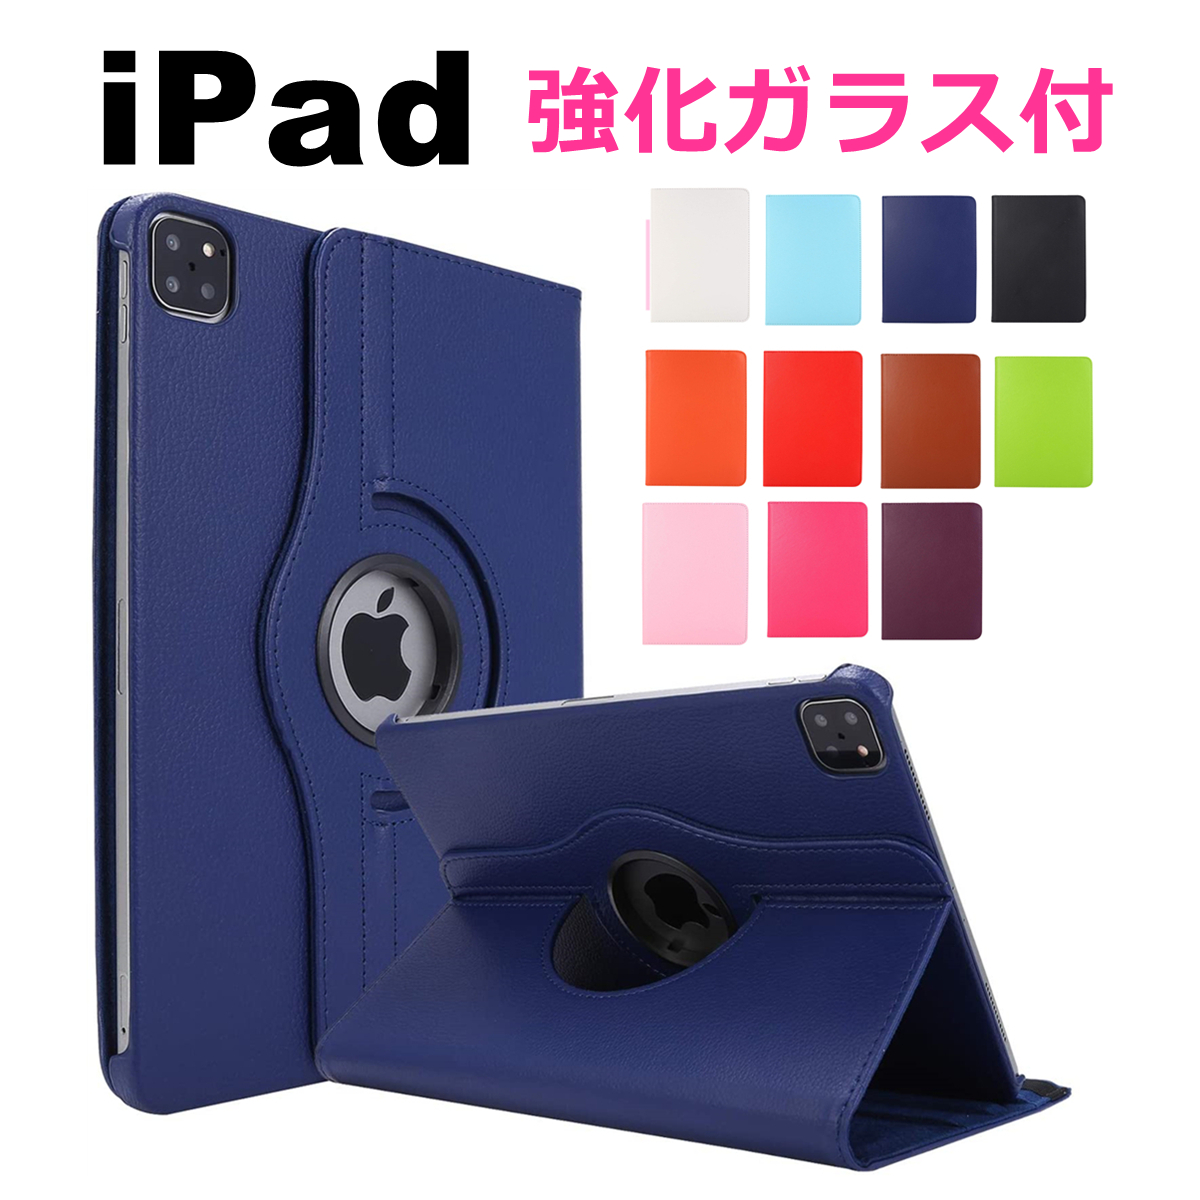 100円OFFクーポン配布中 マーケティング ゆうパケットで送料無料 2点セット 全11色 360度回転 新型 iPad ケース スタンド機能 強化ガラスフィルム付き 第8世代 第7世代 Air 4 可愛い カバー Mini5 タブレット 10.2インチ 9.7インチ おしゃれ 10.9インチ 2019 正規品送料無料 第6世代 第4世代 10.2 2020